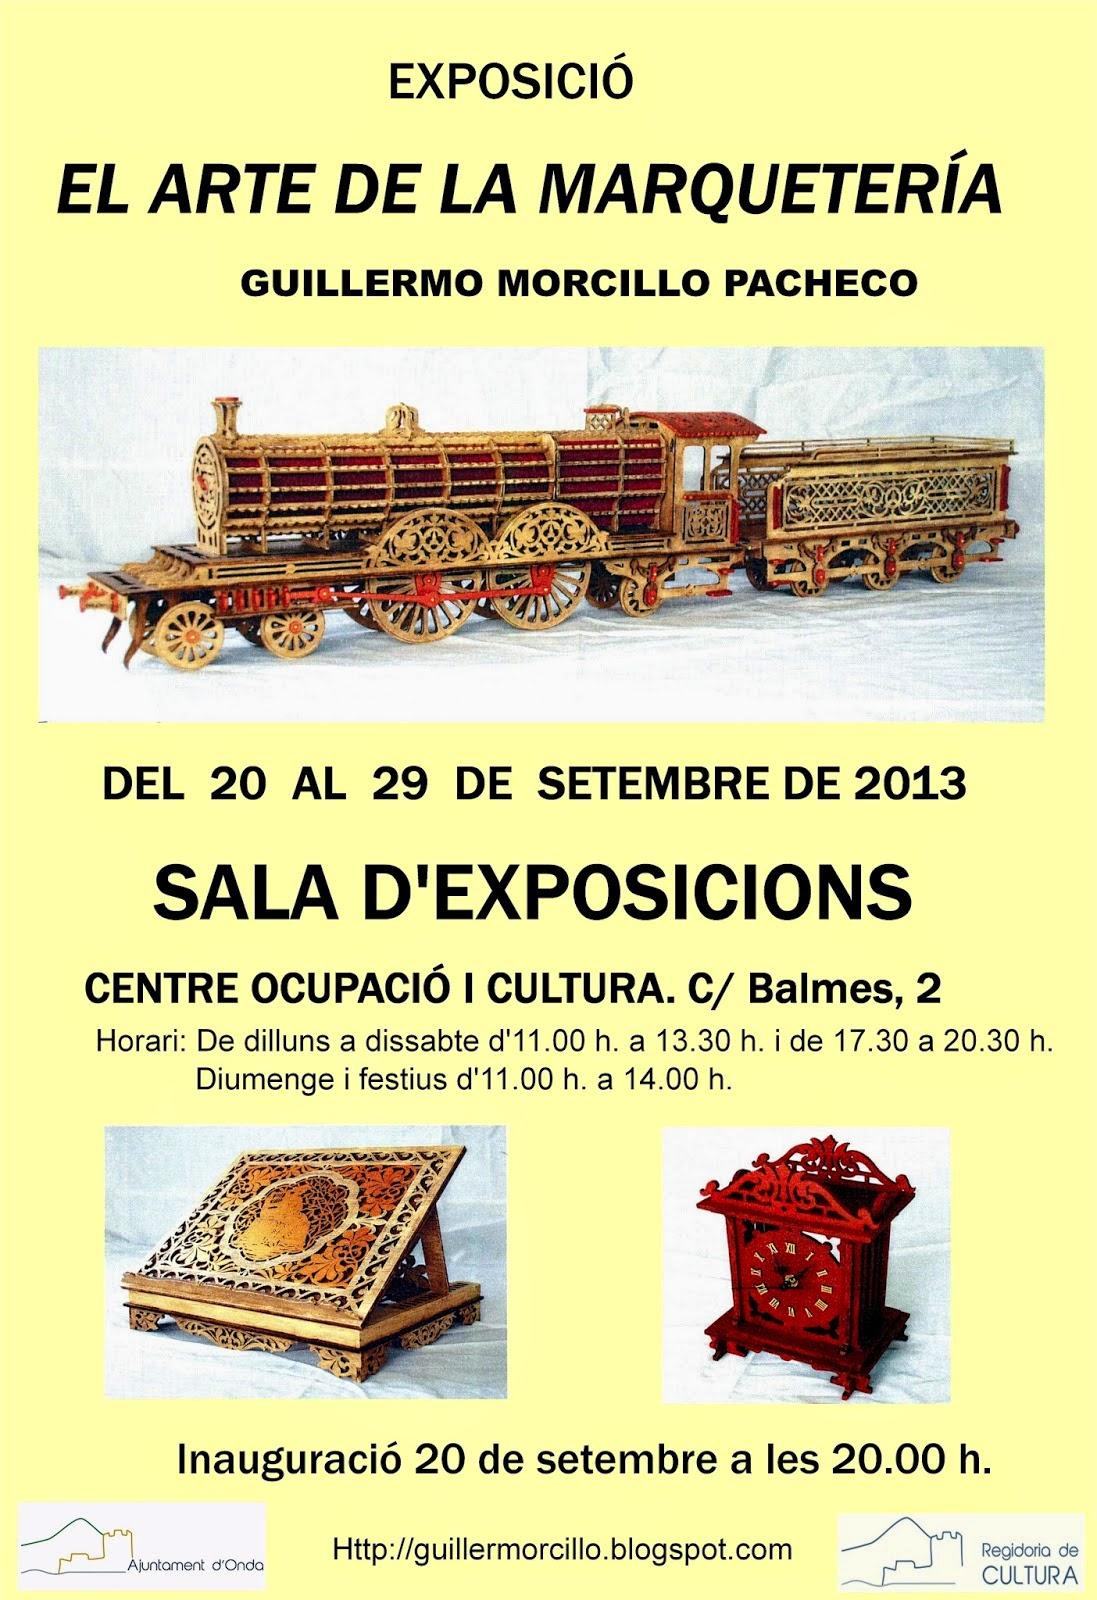 EXPOSICIÓN 2013